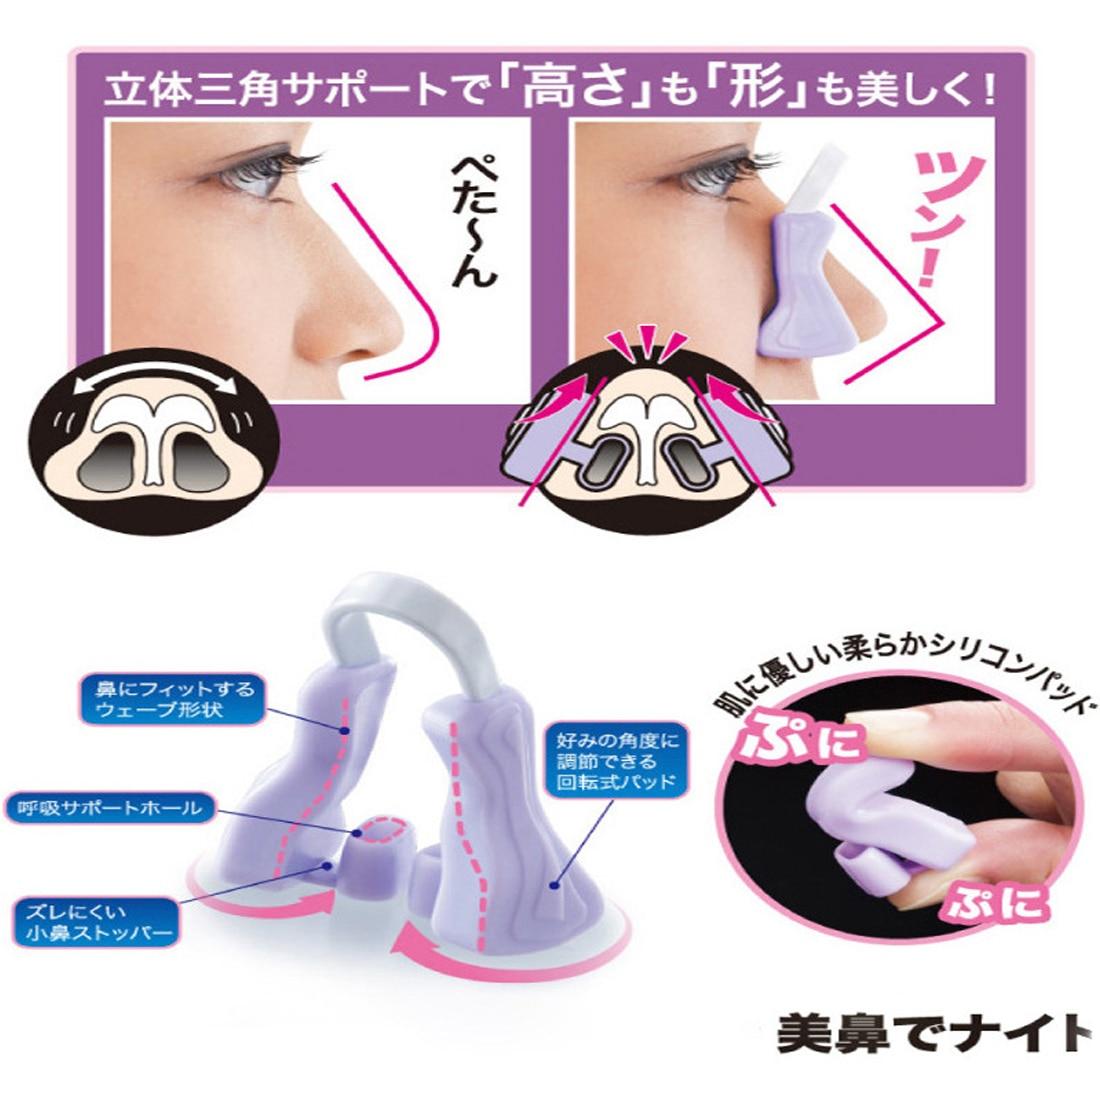 Oddychanie ćwiczenia/prostowanie piękno zacisk na nos korektor/nos Up kształtowanie Shaper klip Clipper/makijaż pielęgnacja twarzy narzędzie